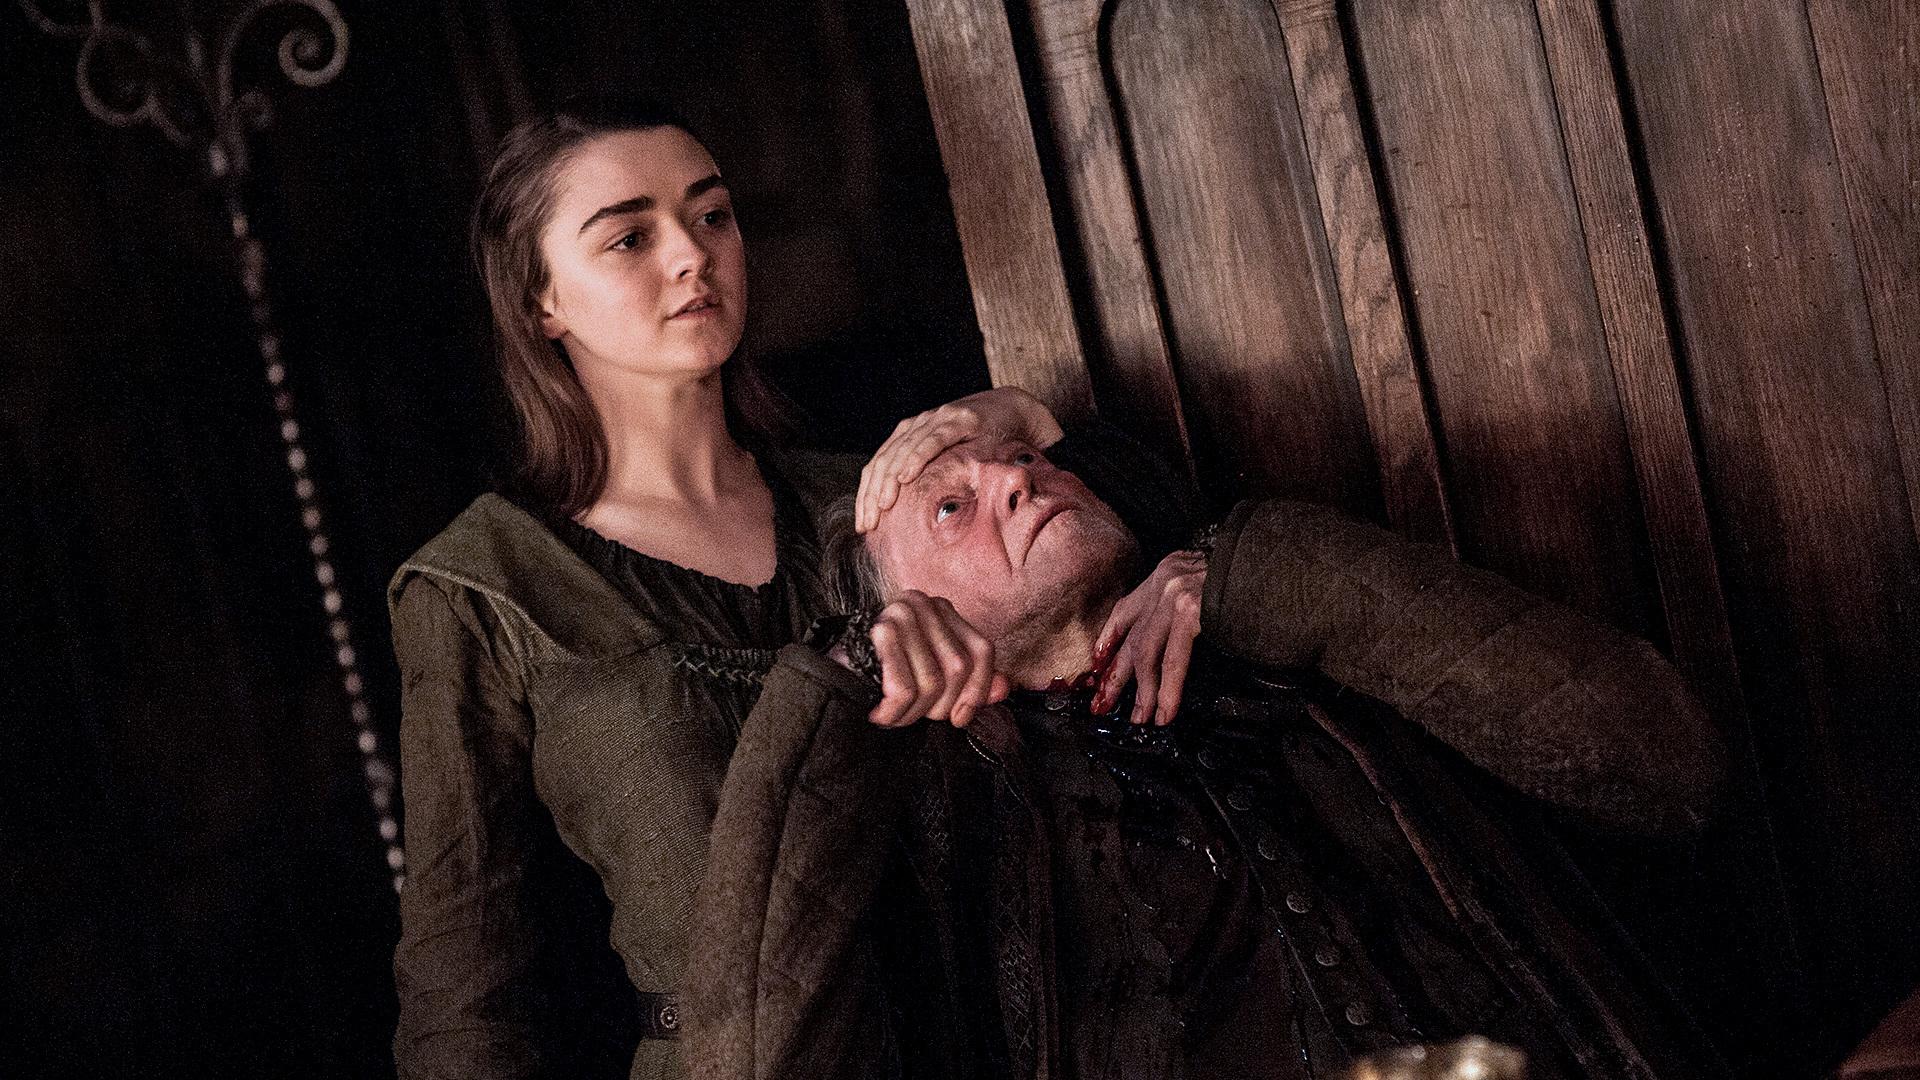 Arya Stark kills Walder Frey